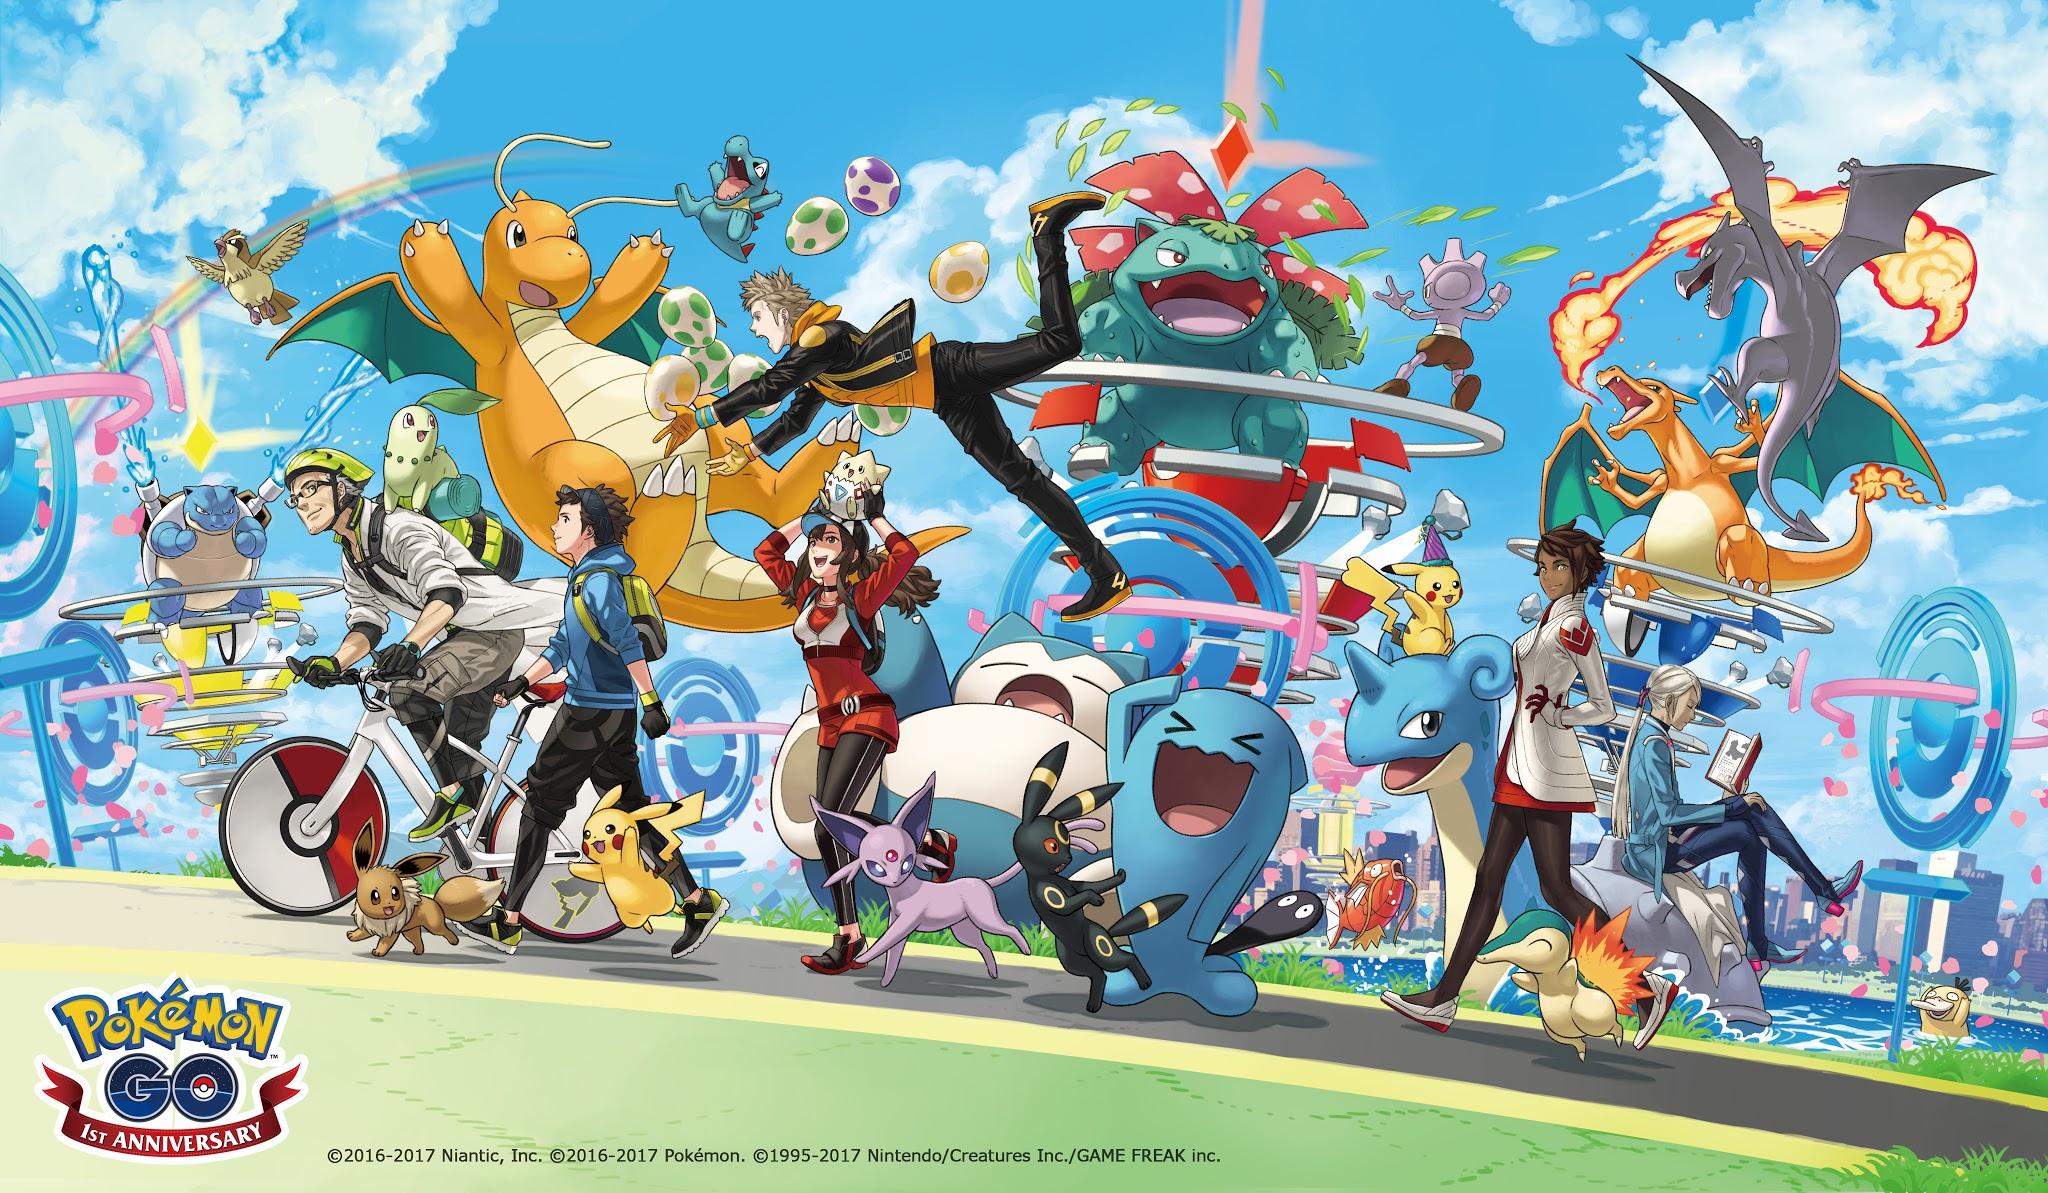 Permalink to Pokémon GO celebra su aniversario con un Pikachu muy especial